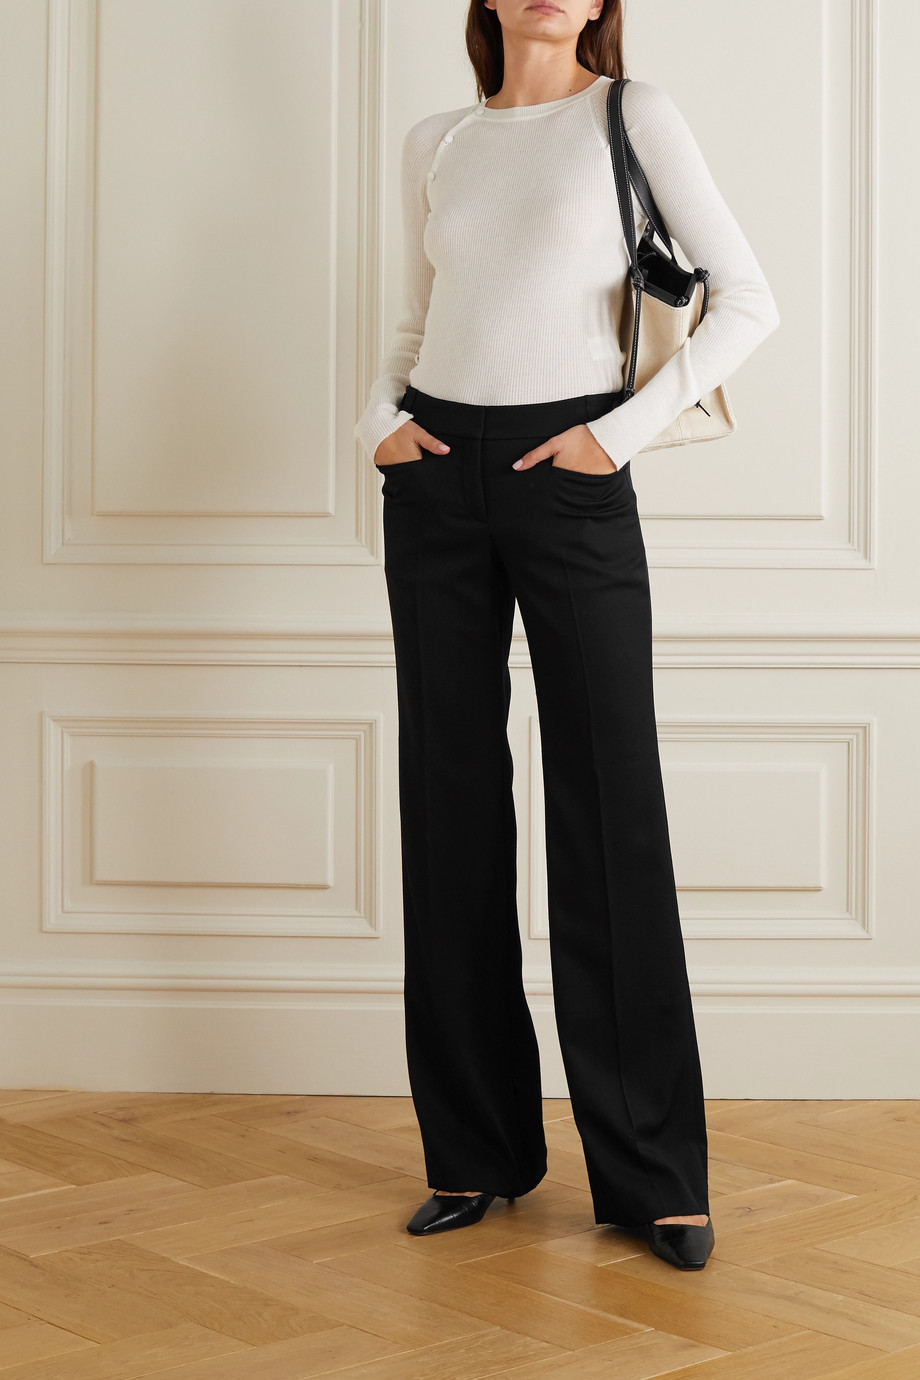 Stella McCartney Claudia Hose mit weitem Bein aus Woll-Crêpe